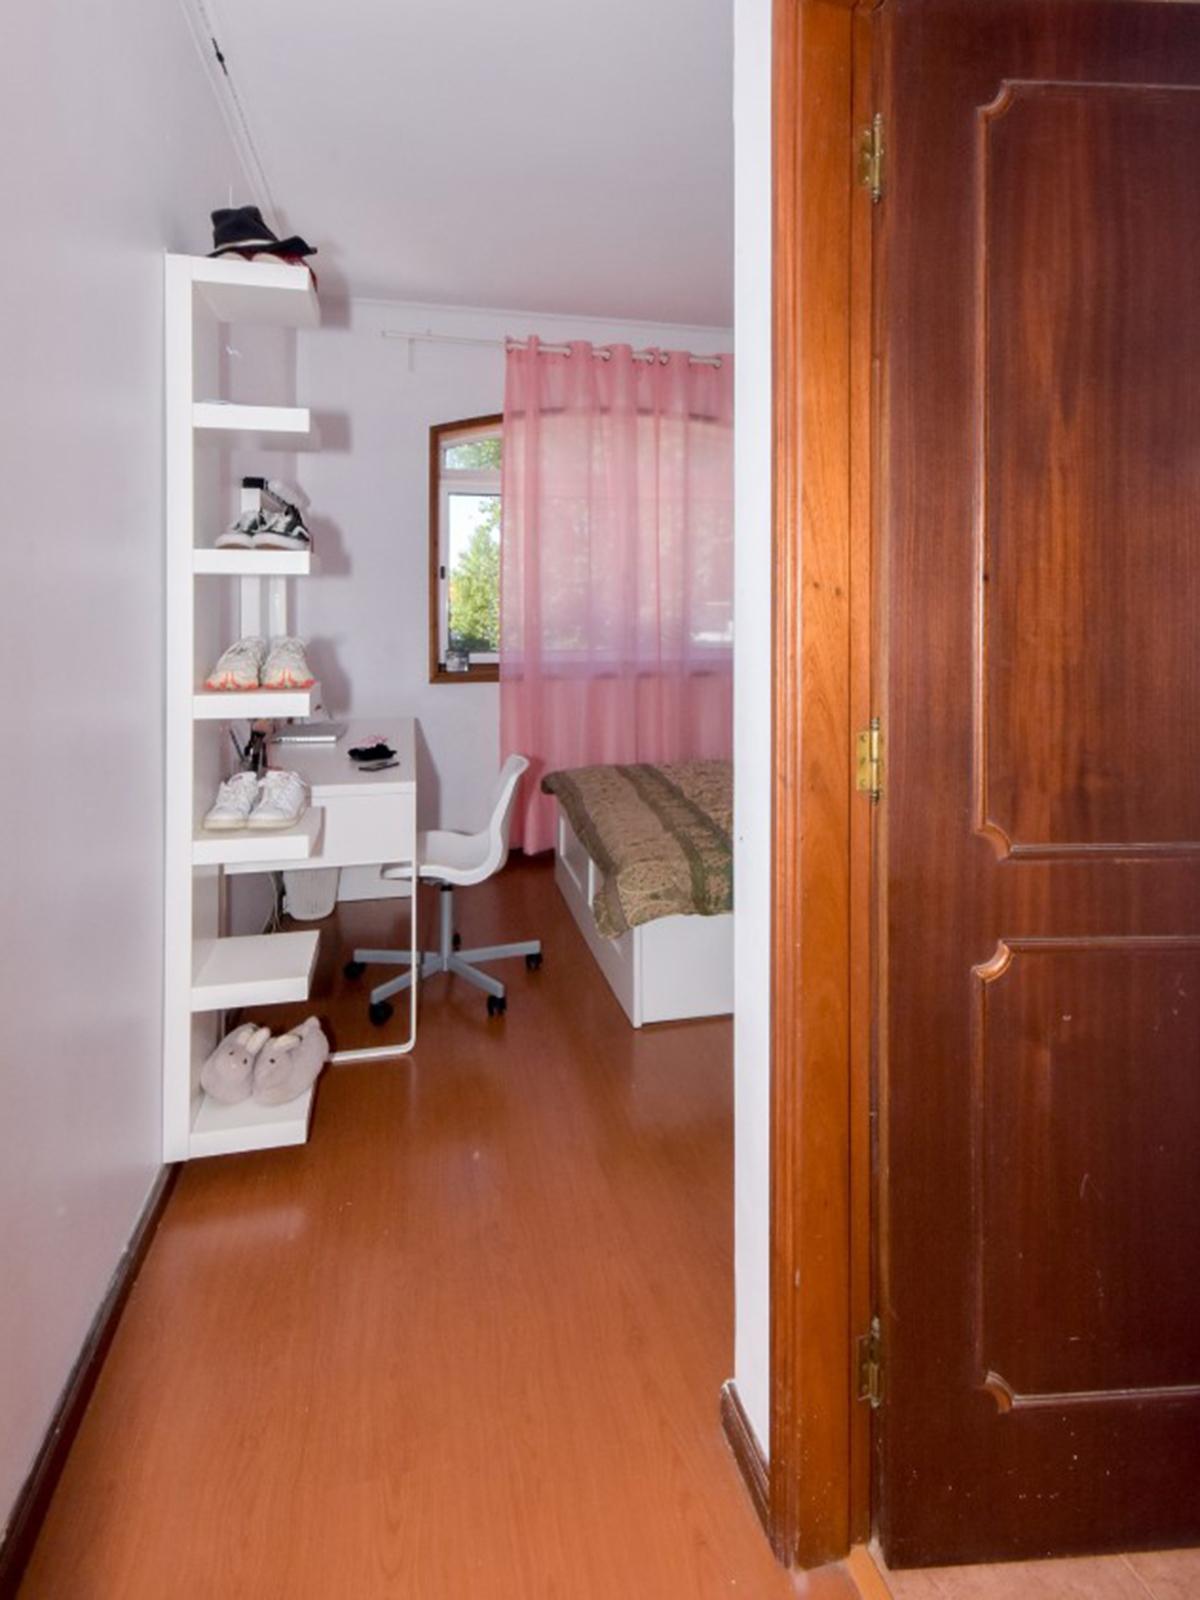 בית למכירה, 4 חדרי שינה, נוף לים, במחוז פורטו